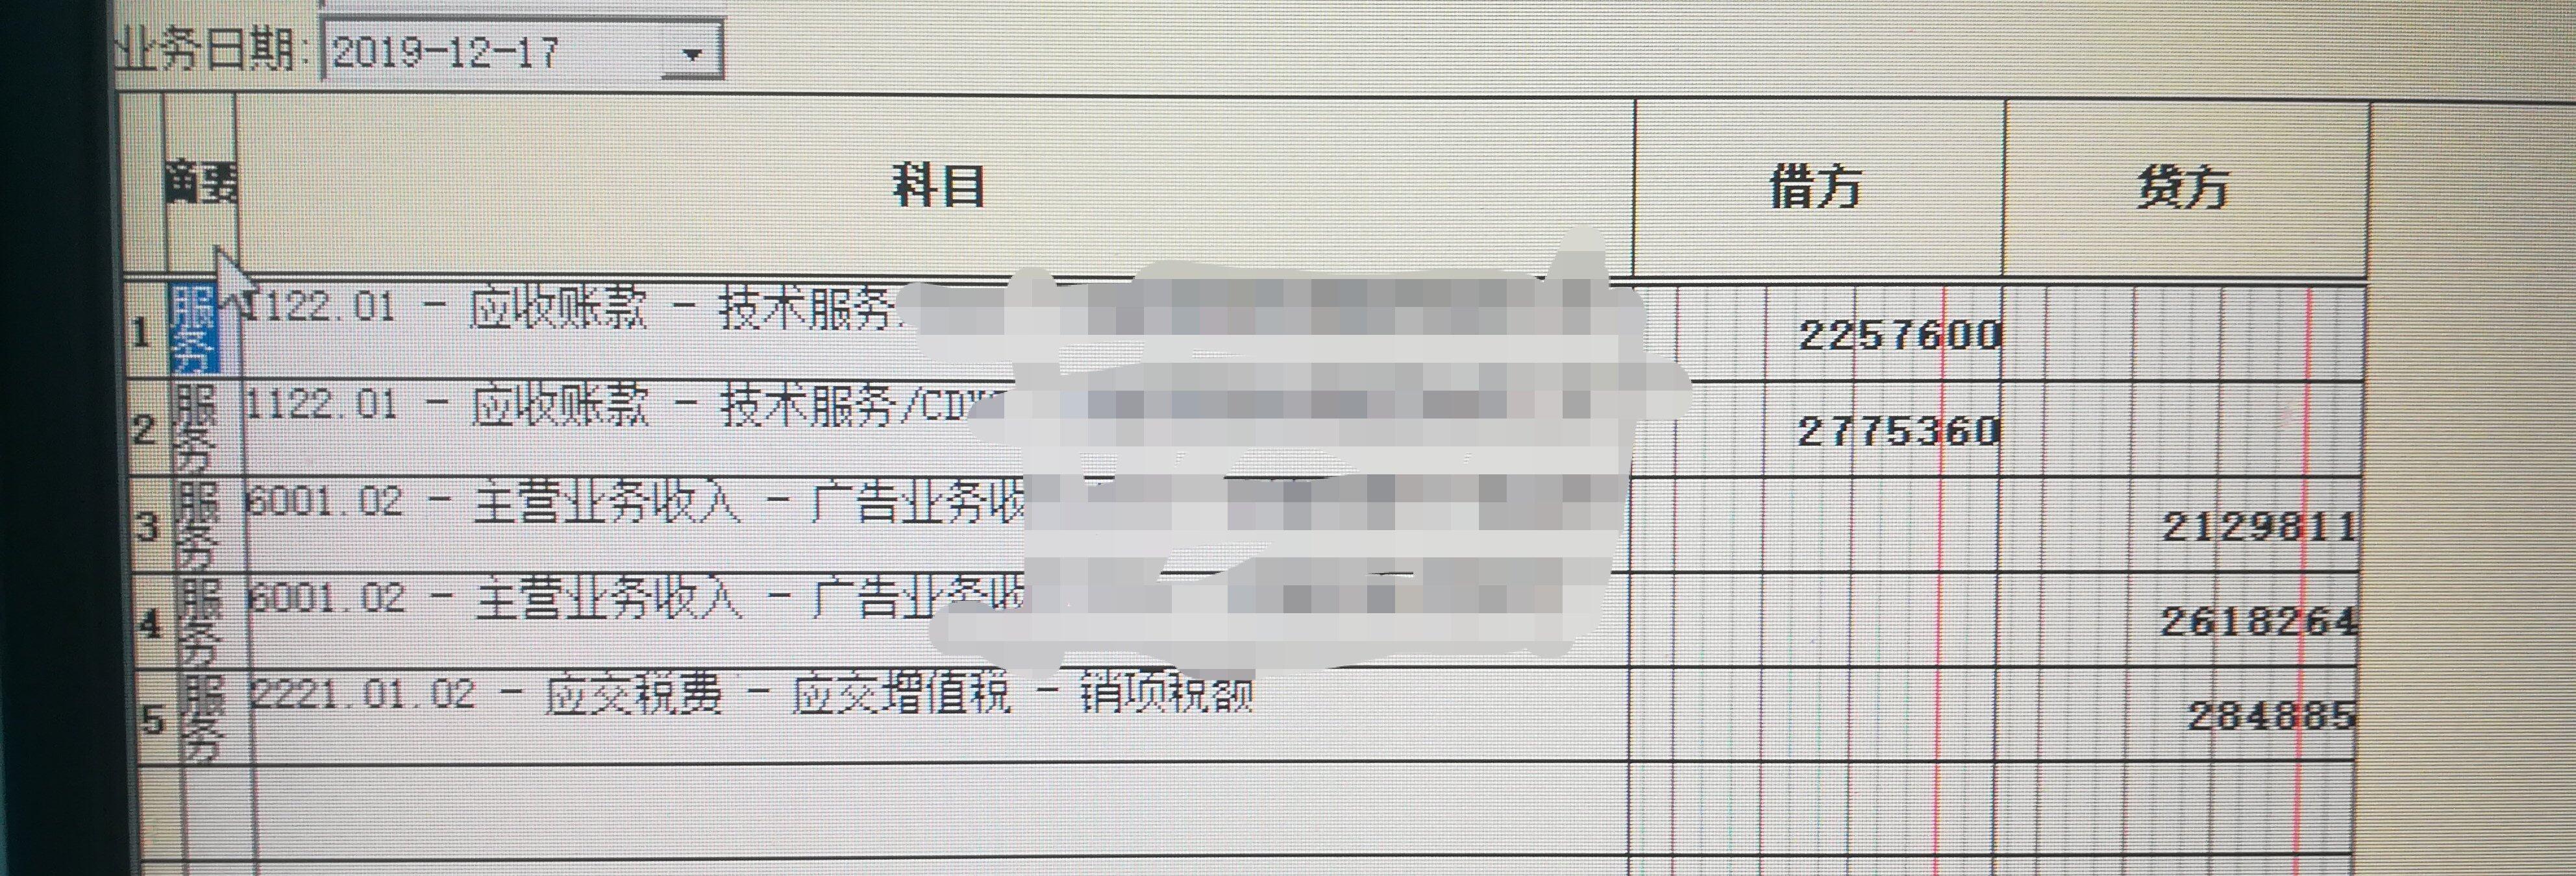 票的那张是需要红冲的数据,分录的那张是入账的数据,当时这张票与其它票合并入账的